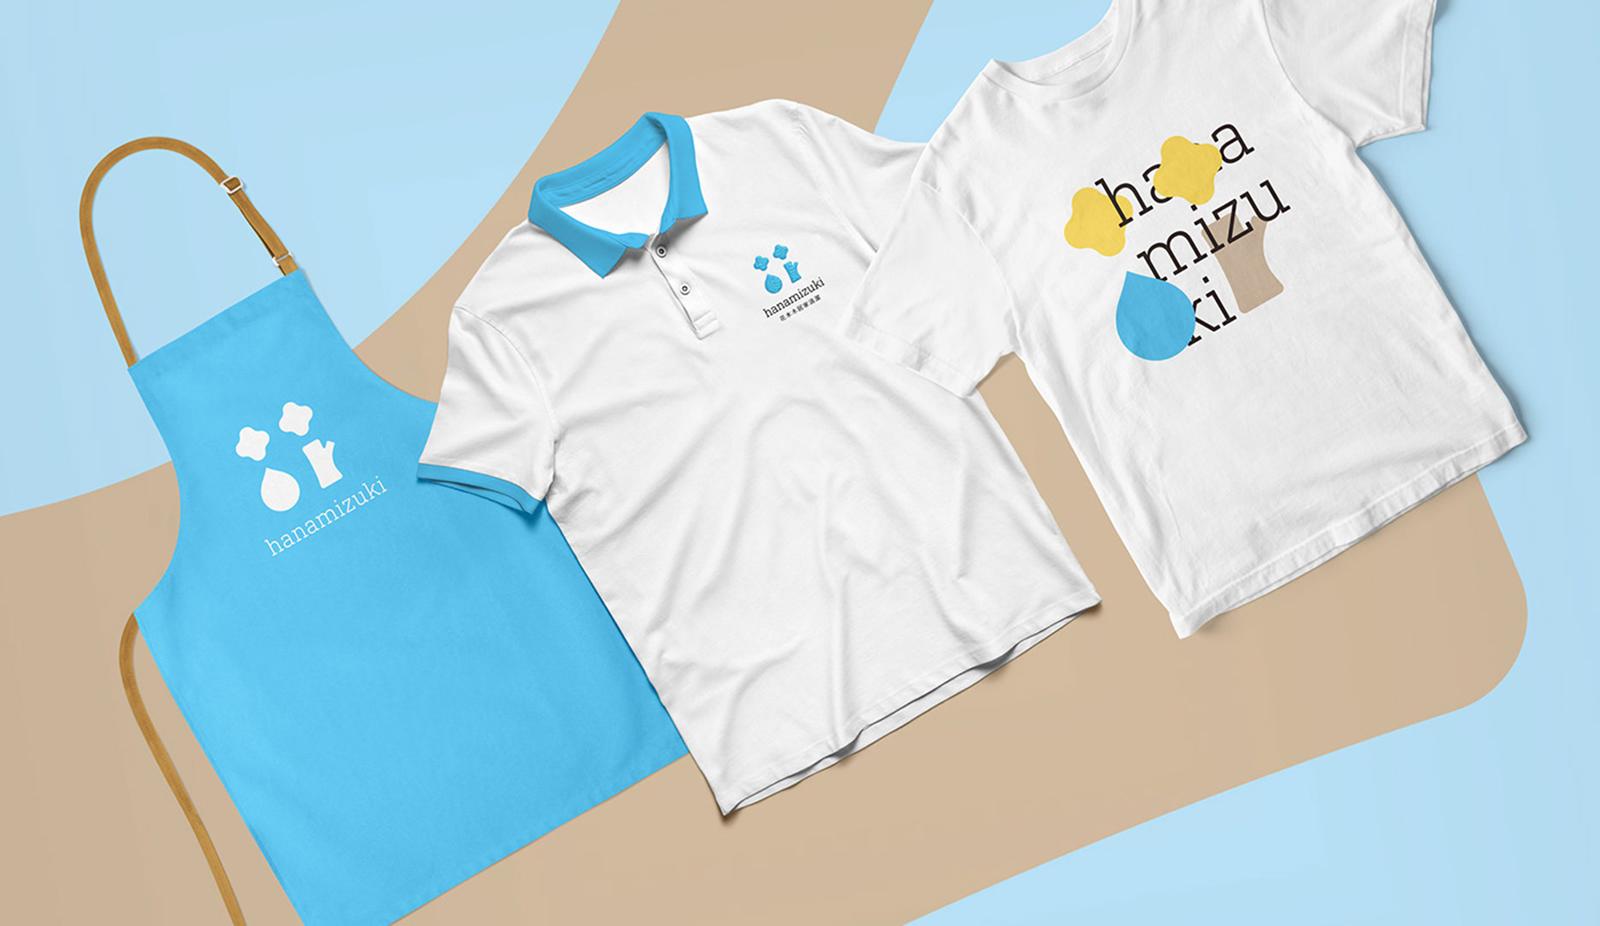 花水木居家清洁用品品牌形象设计欣赏-深圳VI设计14